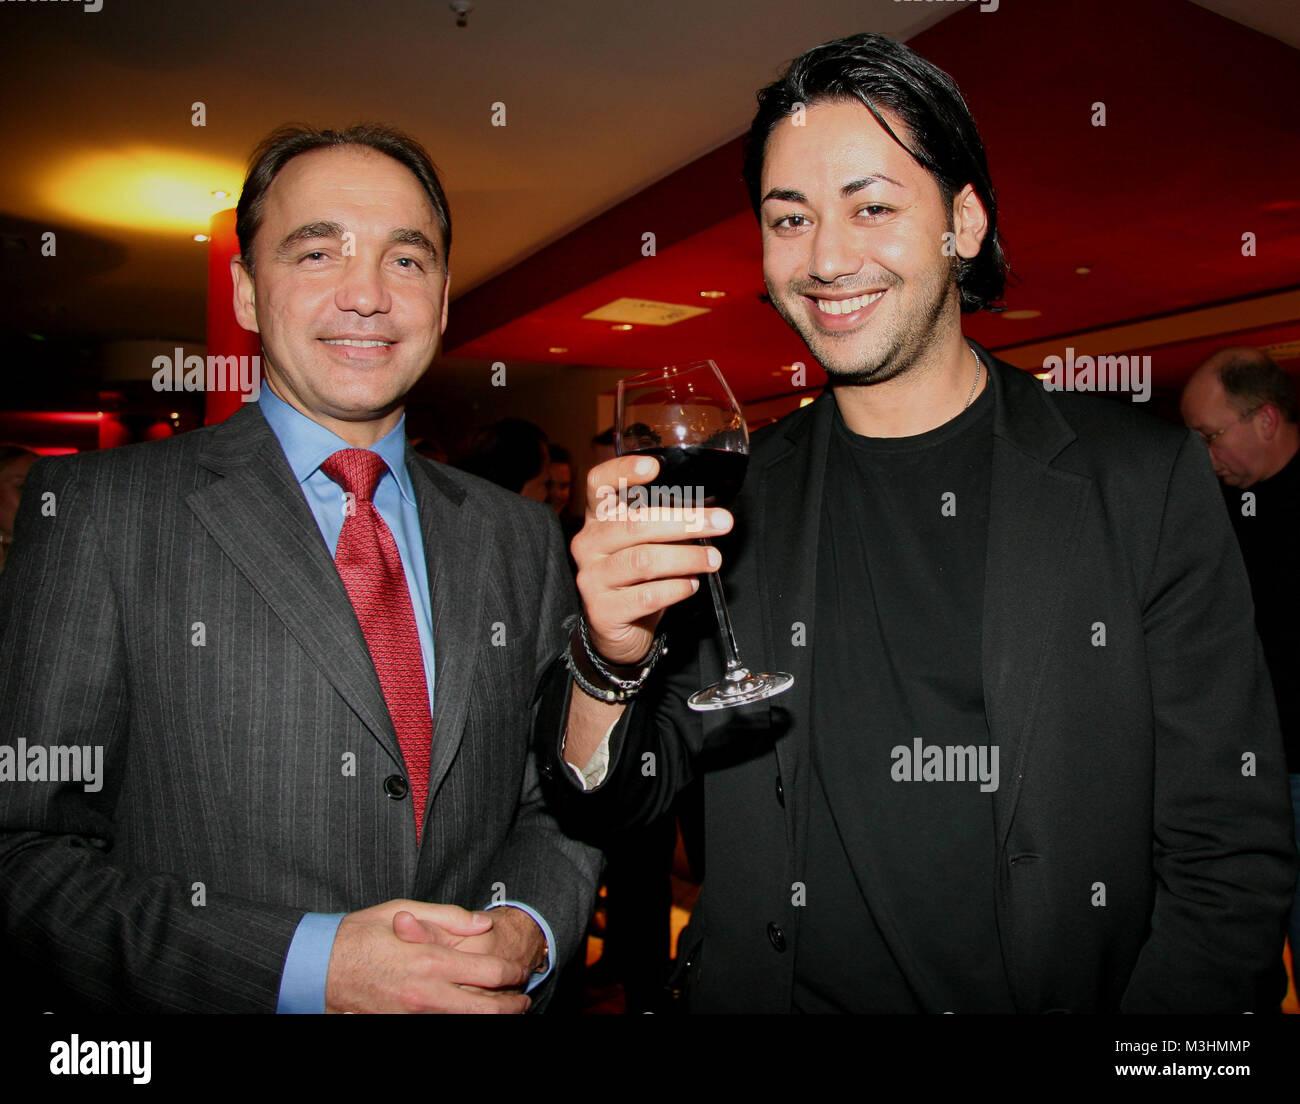 Ubs Deutschland Stock Photos & Ubs Deutschland Stock Images